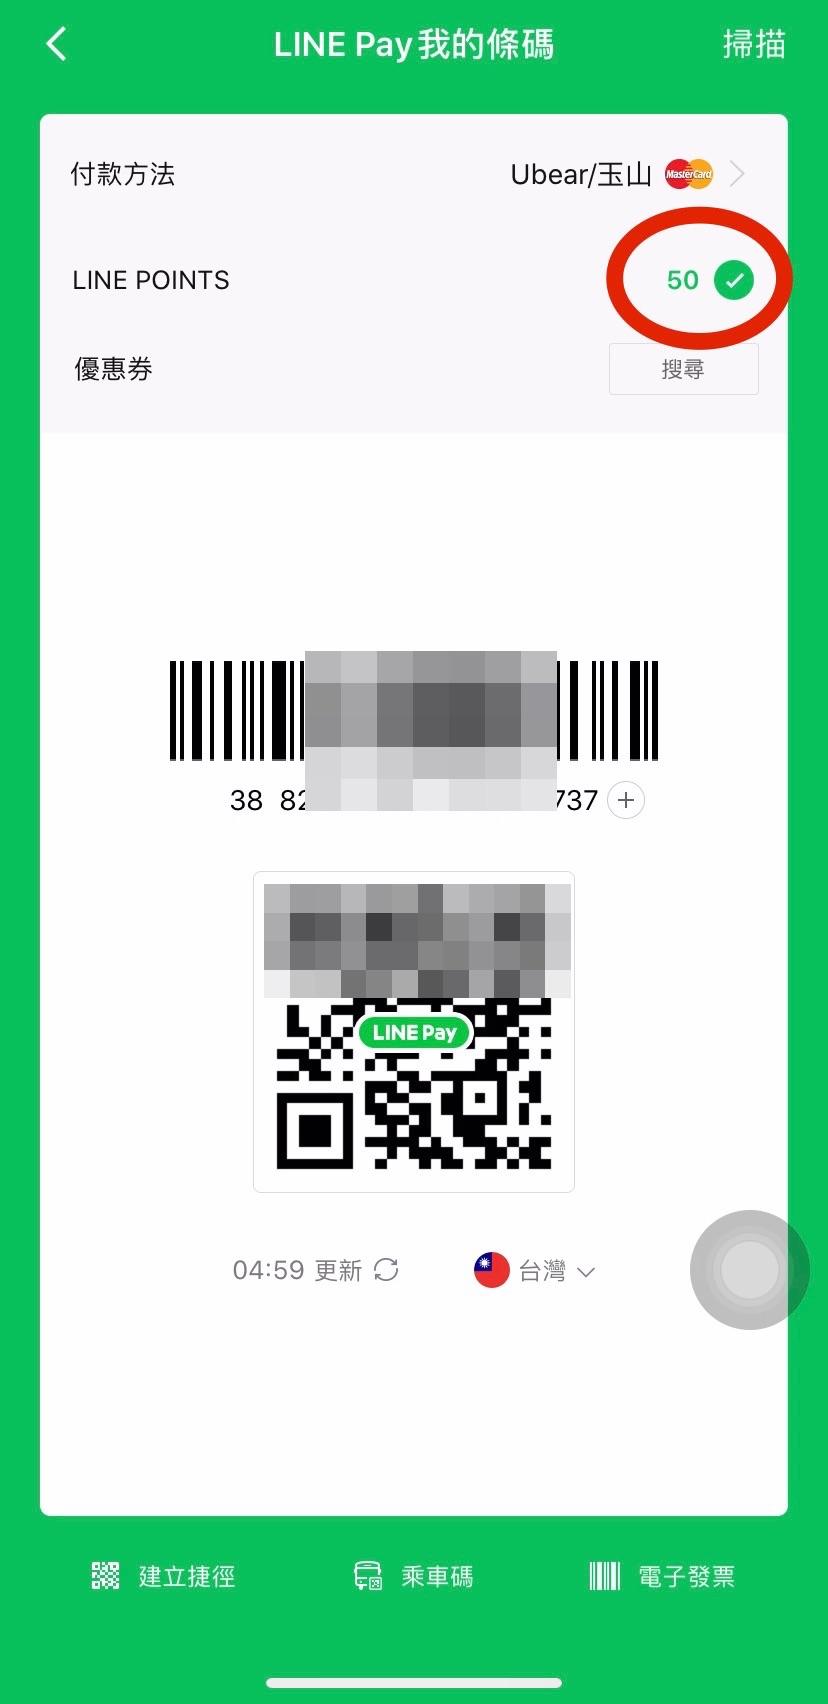 實體商店LINE Pay掃碼支付